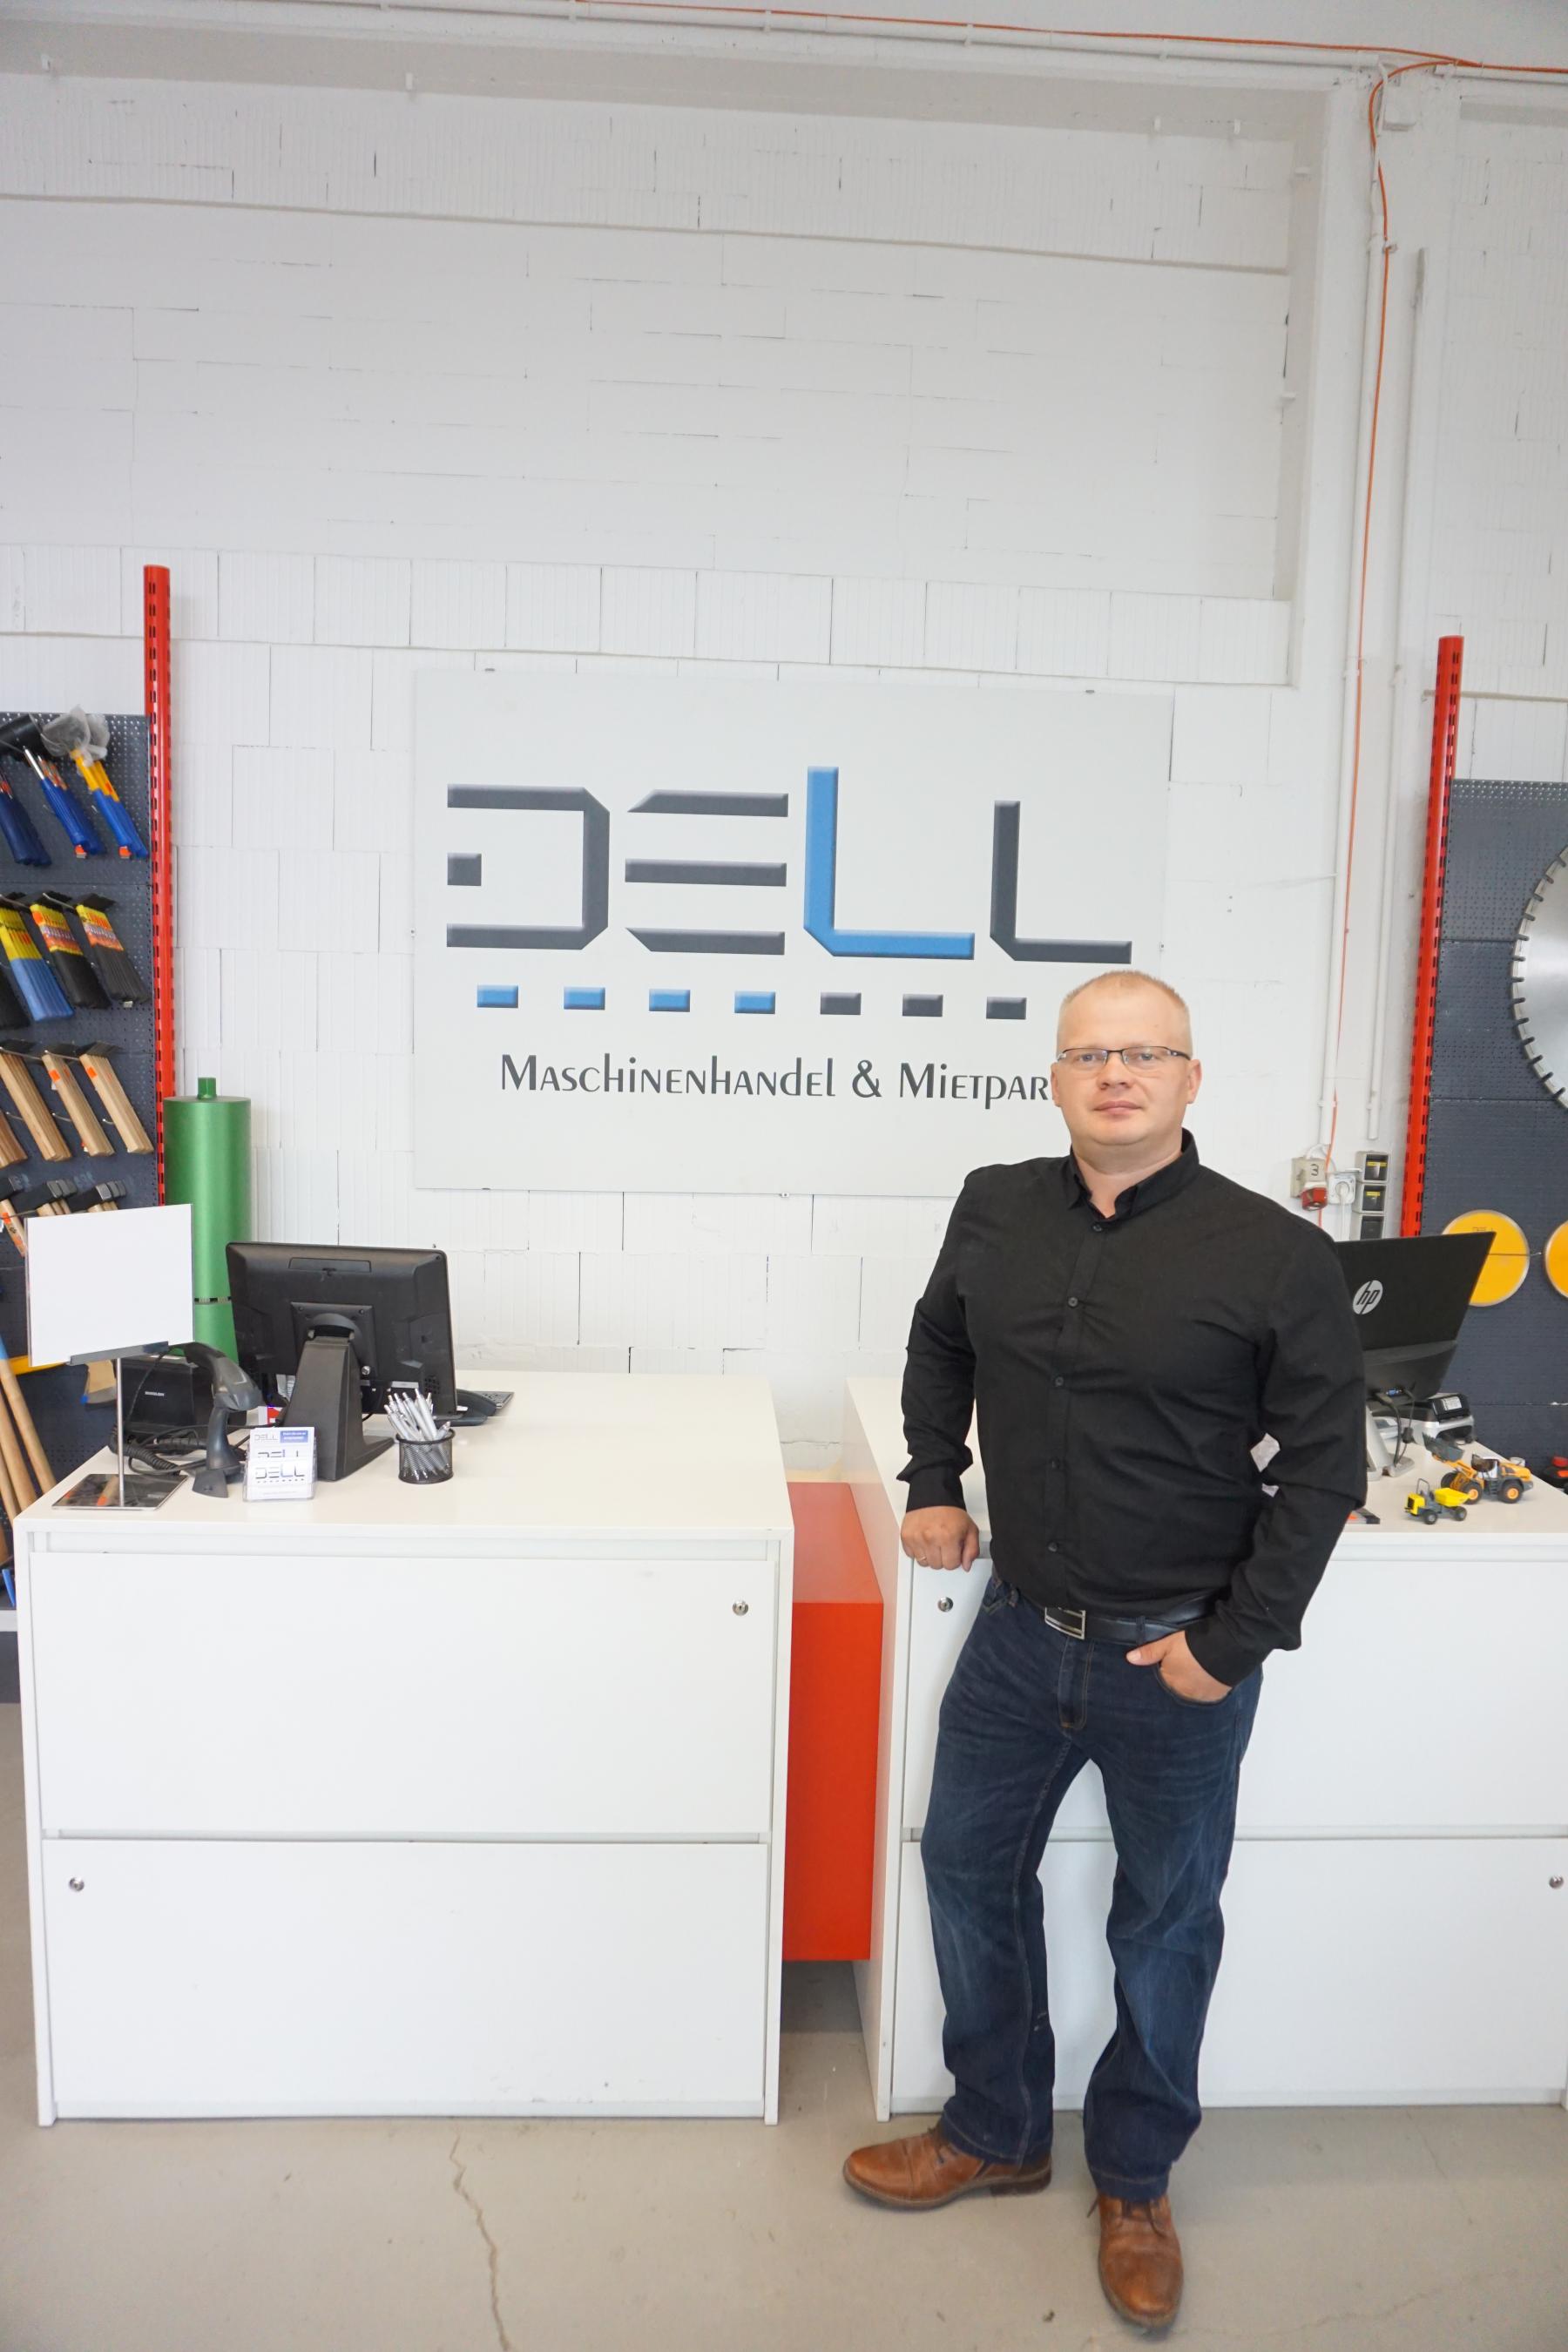 Geschäftsinhaber Eugen Dell Staatlich geprüfter Maschinenbautechniker